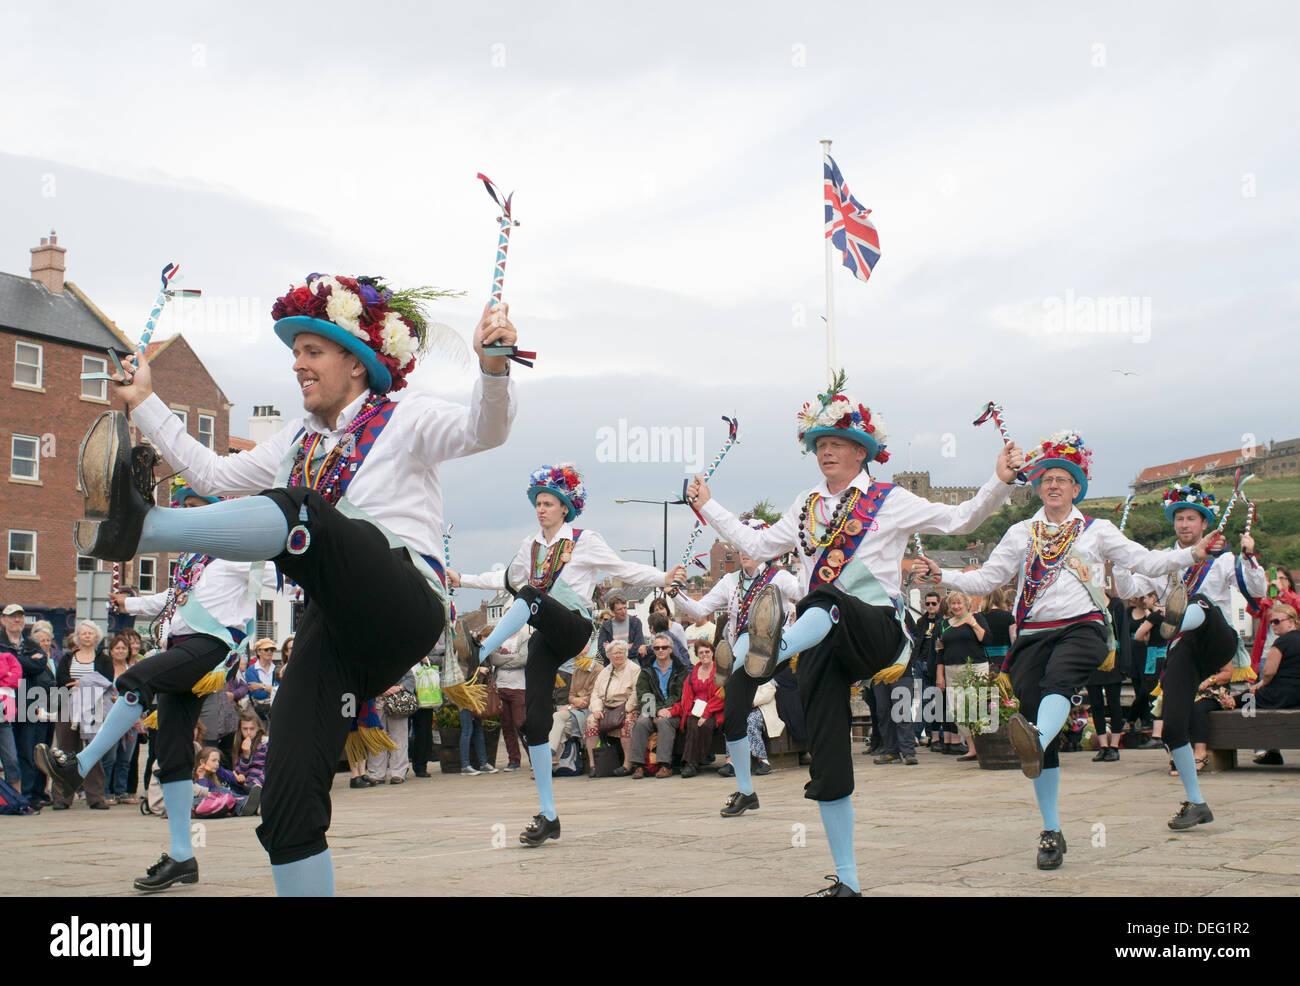 Danseurs Morris à Whitby Semaine folklorique, Yorkshire, Angleterre, Royaume-Uni Banque D'Images